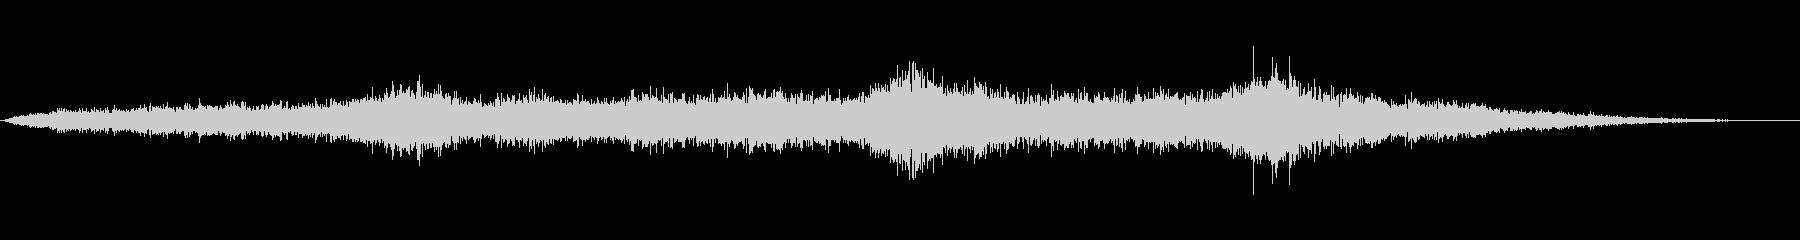 エスニックムード満載アンビエントな風音の未再生の波形